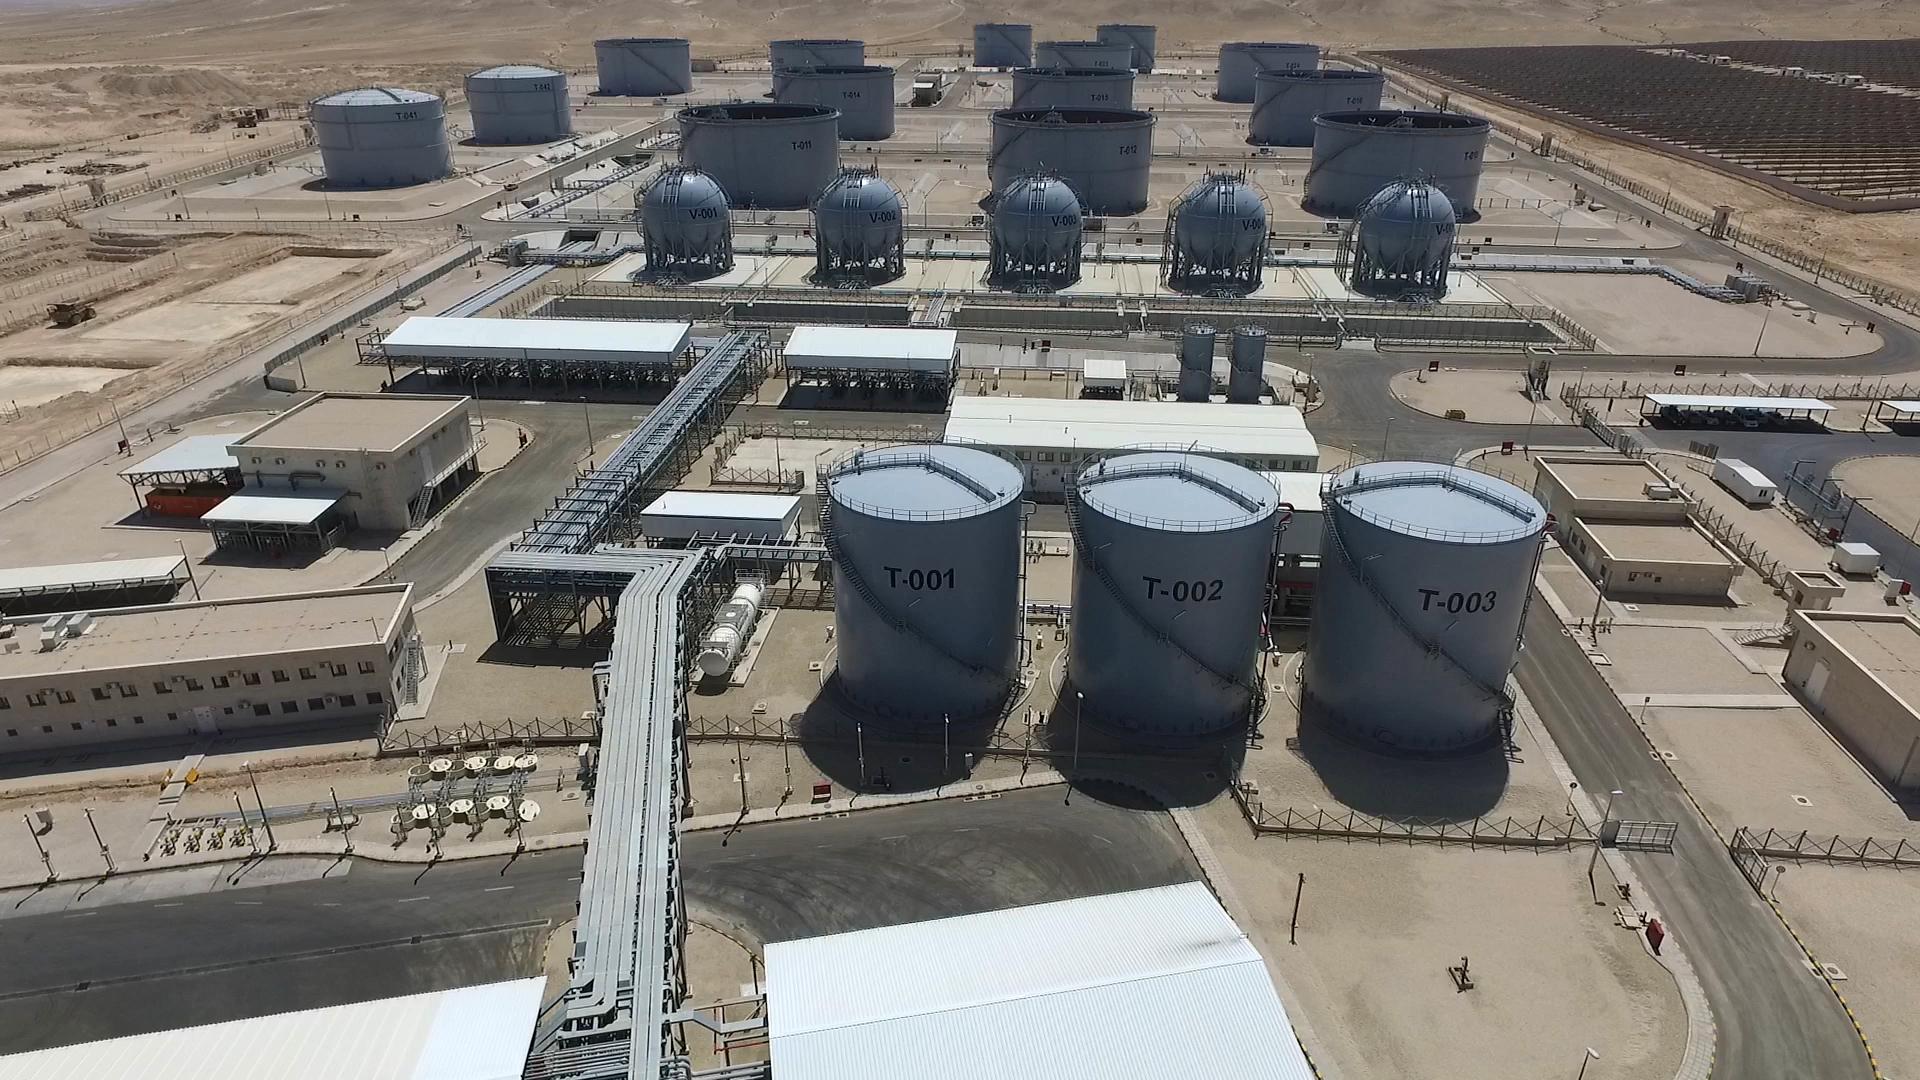 تدشين مشروع بناء السعات التخزينية للمشتقات النفطية في الأردن بتمويل من الإمارات